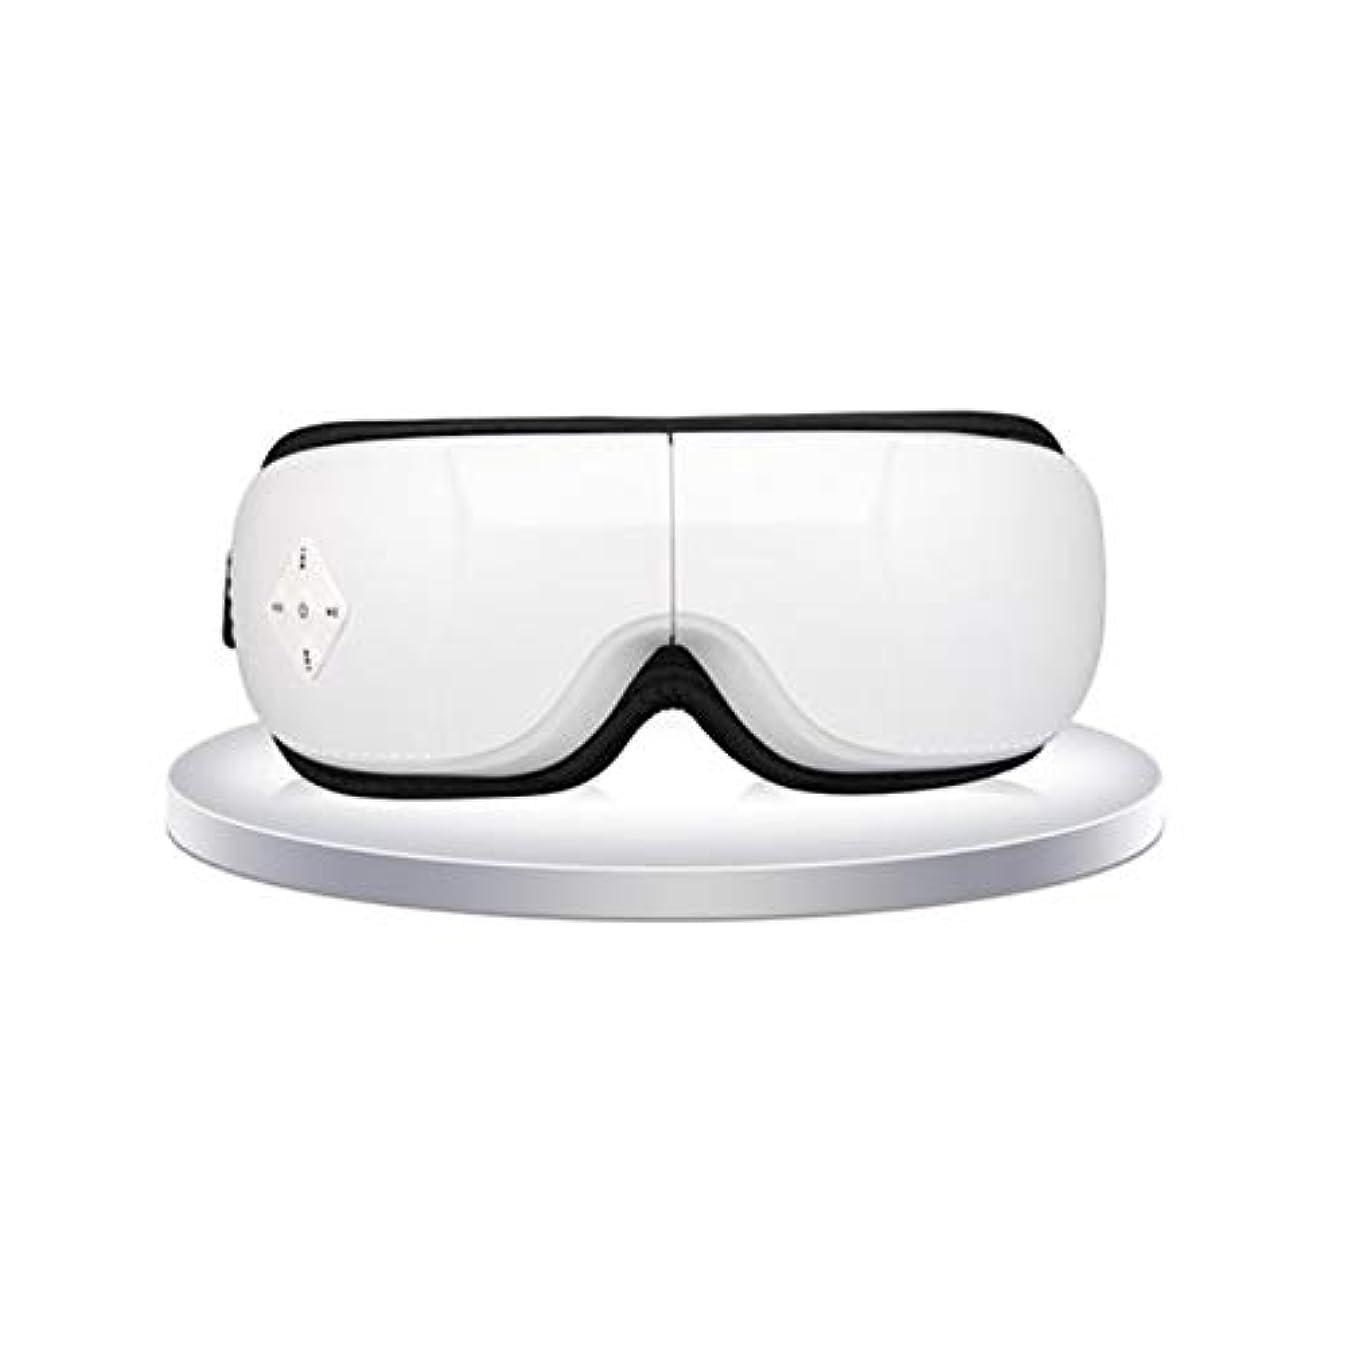 ペナルティ非互換志すマッサージャーマッサージアイプロテクターホットアイマスク疲労緩和マッサージ (色 : 白)